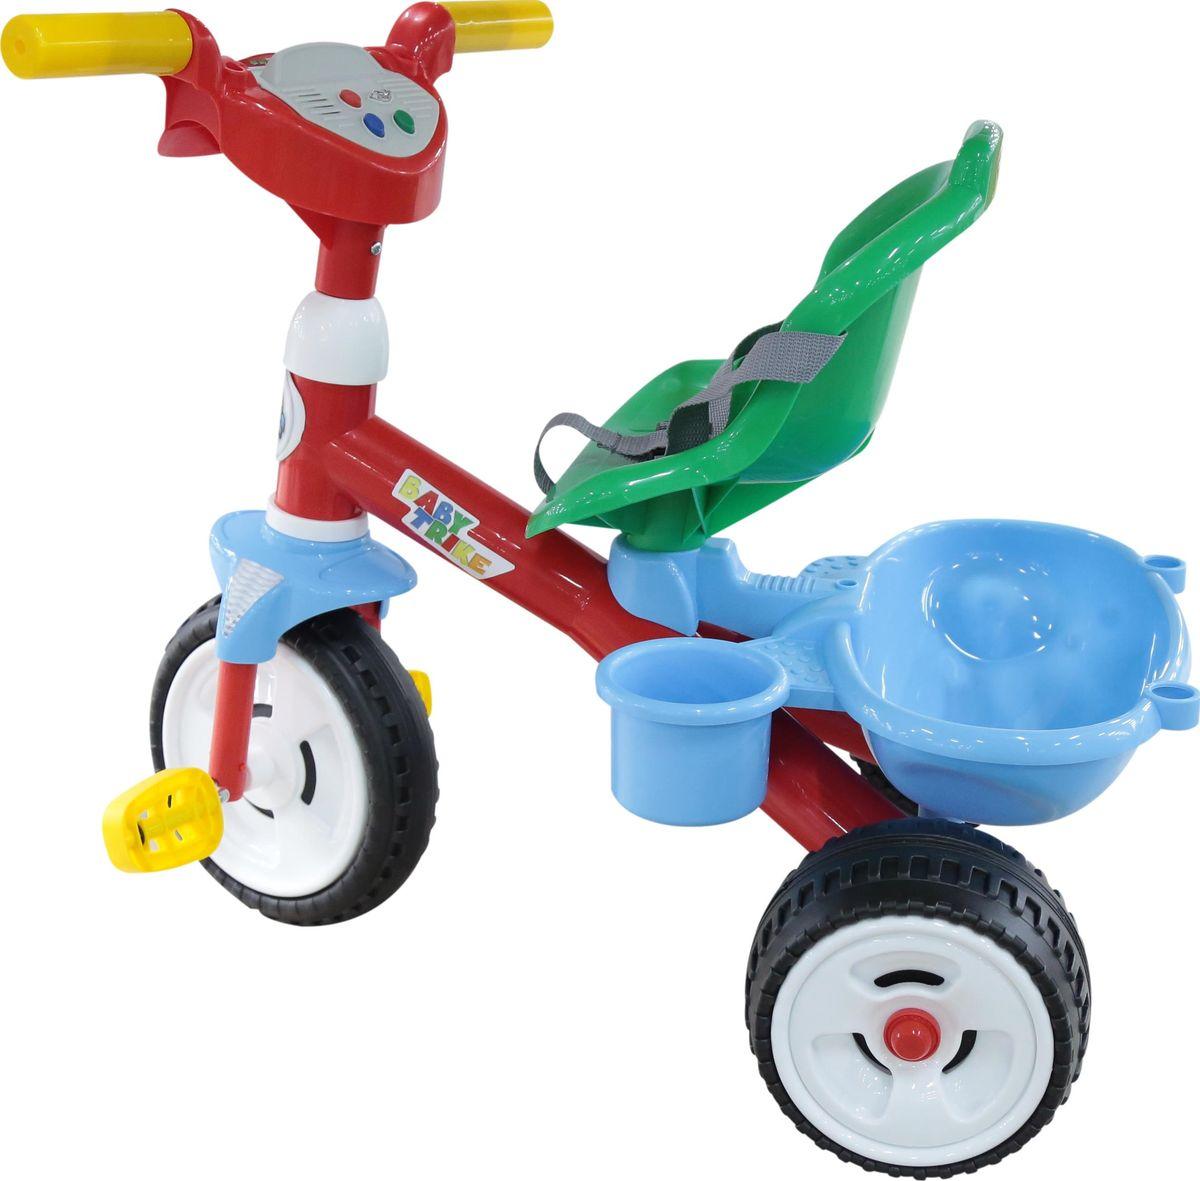 Полесье Велосипед трехколесный Беби Трайк с ручкой и ремешком 4673446734Полесье Велосипед трехколесный Беби Трайк и ремешком